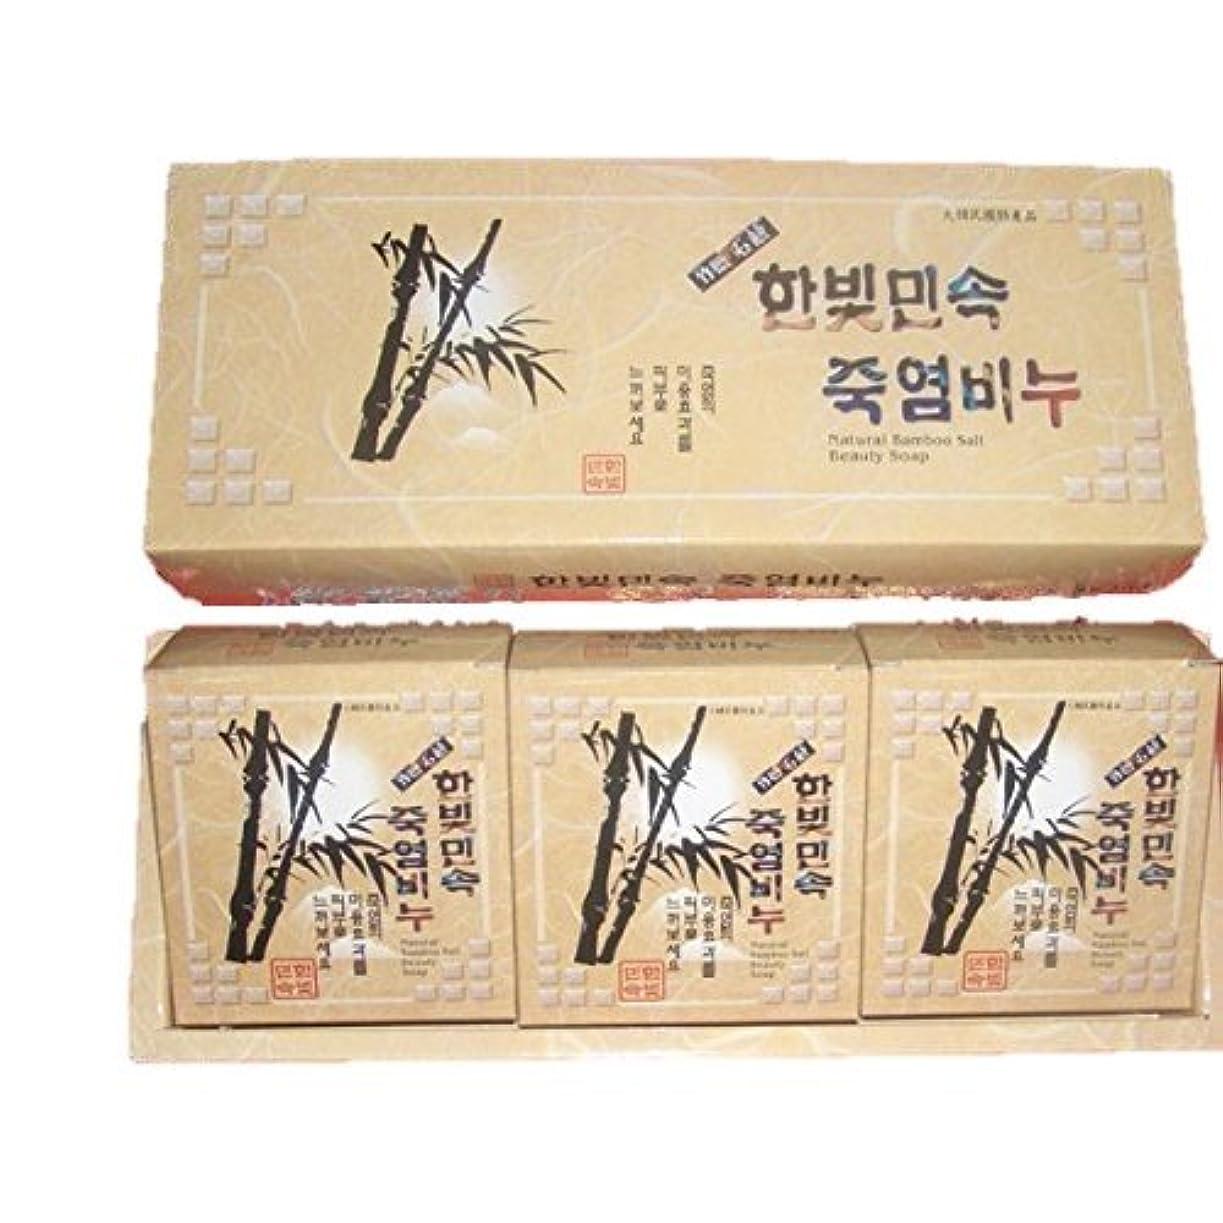 コジオスコ接尾辞責任者(韓国ブランド) 竹塩石鹸 (3個×3セット)